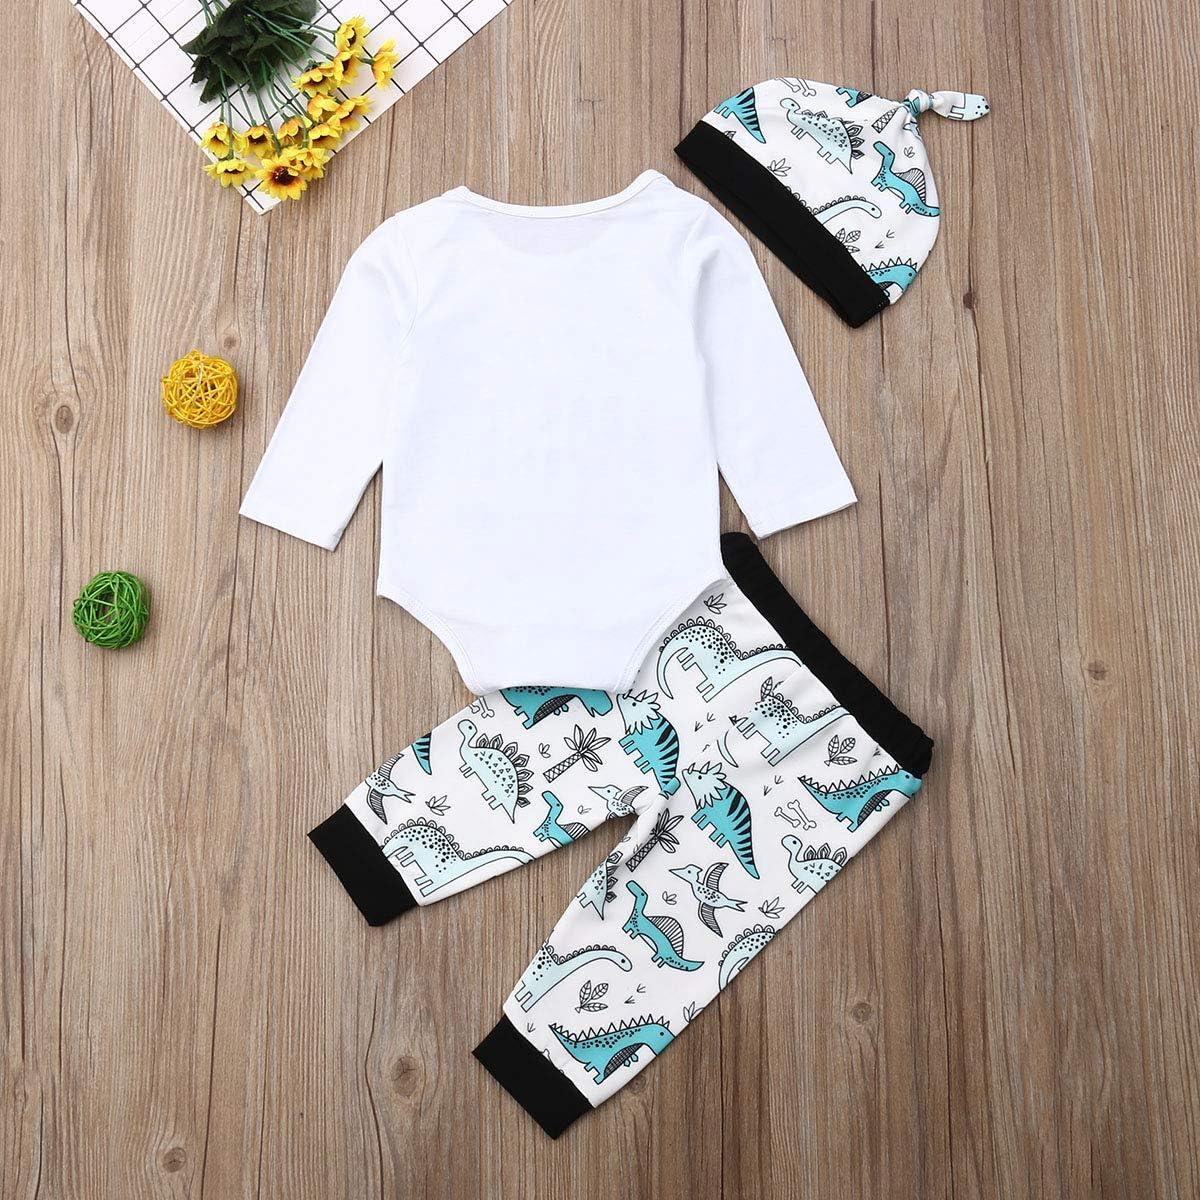 M/ütze Neugeborene Kleinkinder Weiche Babyset T-18266 Hose Geagodelia 3tlg Babykleidung Set Baby Jungen Kleidung Outfit Body Strampler